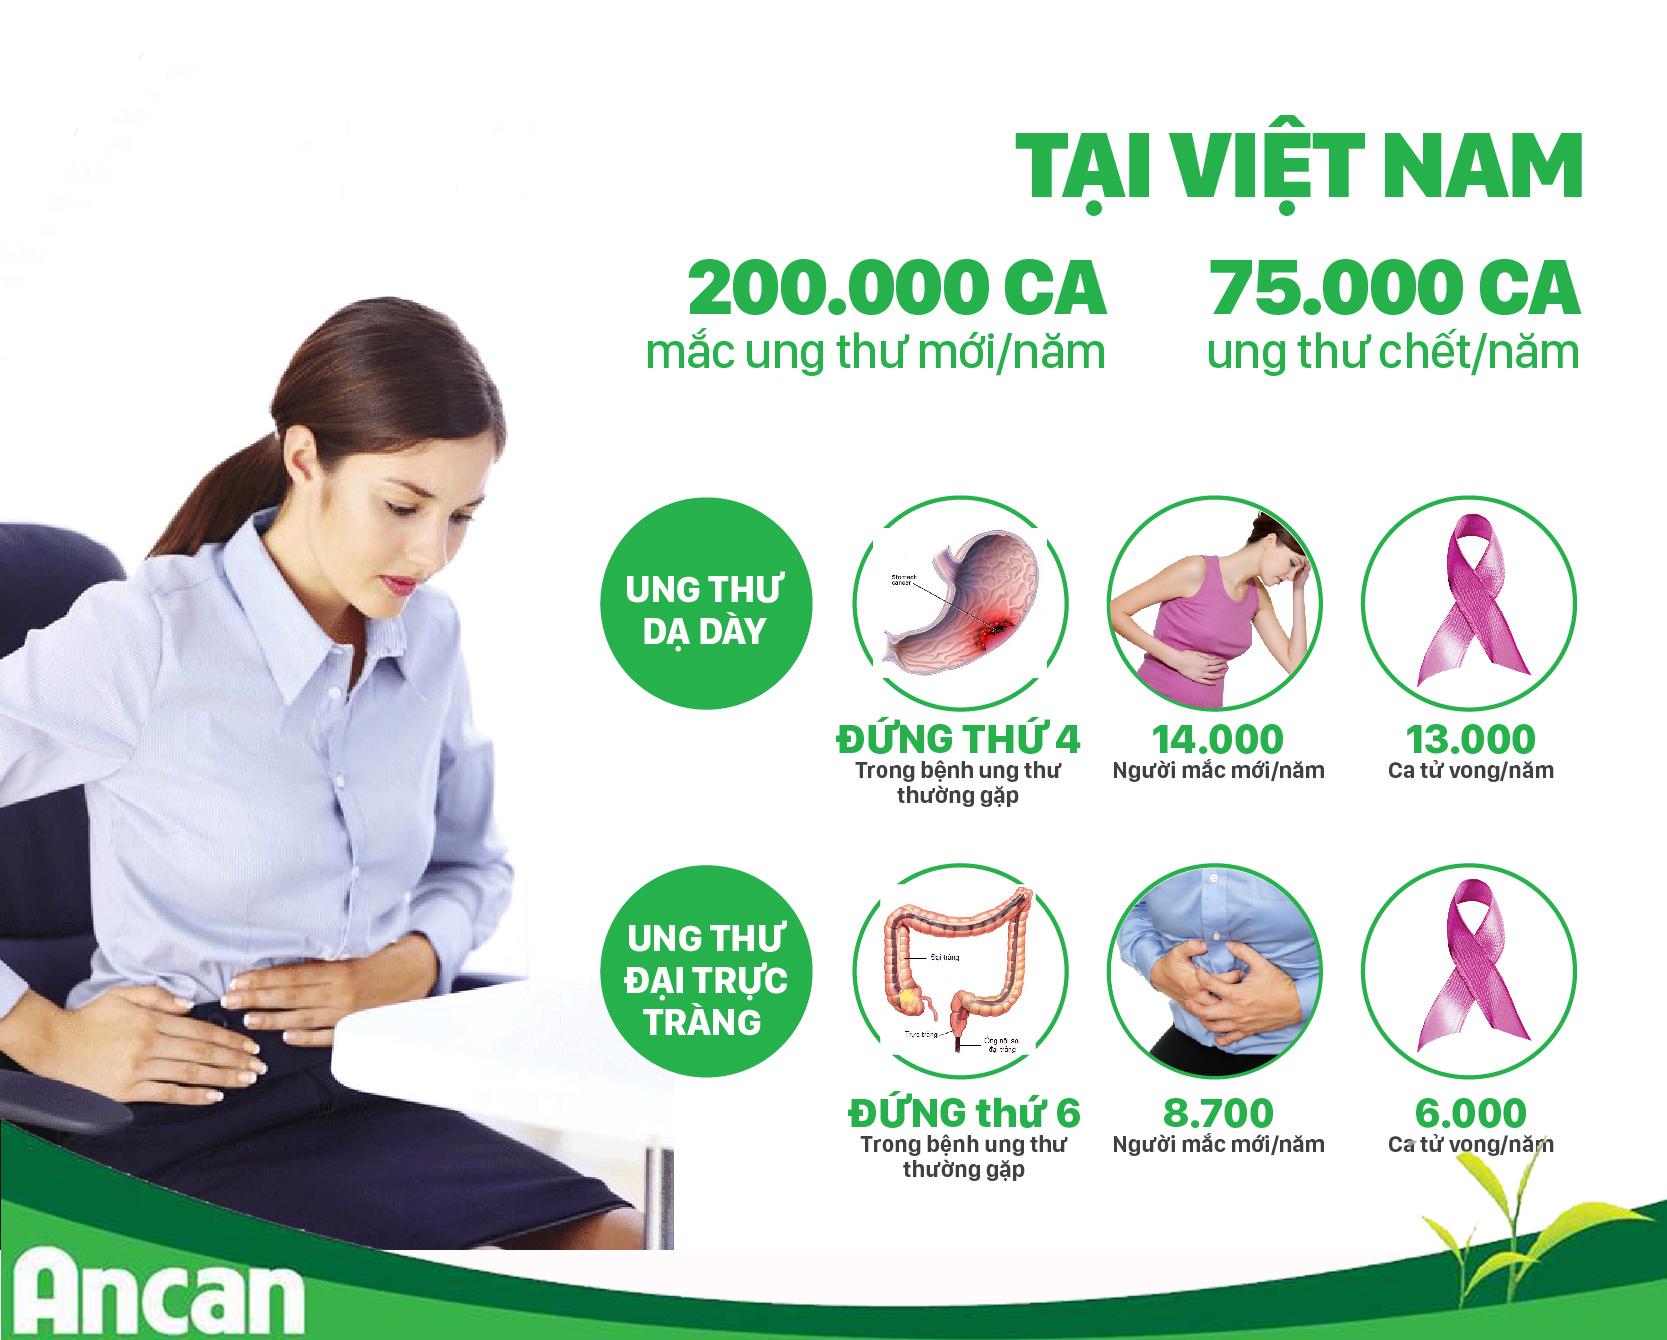 Ung thư sẽ trở thành đại dịch trong 5 năm tới ở Việt Nam